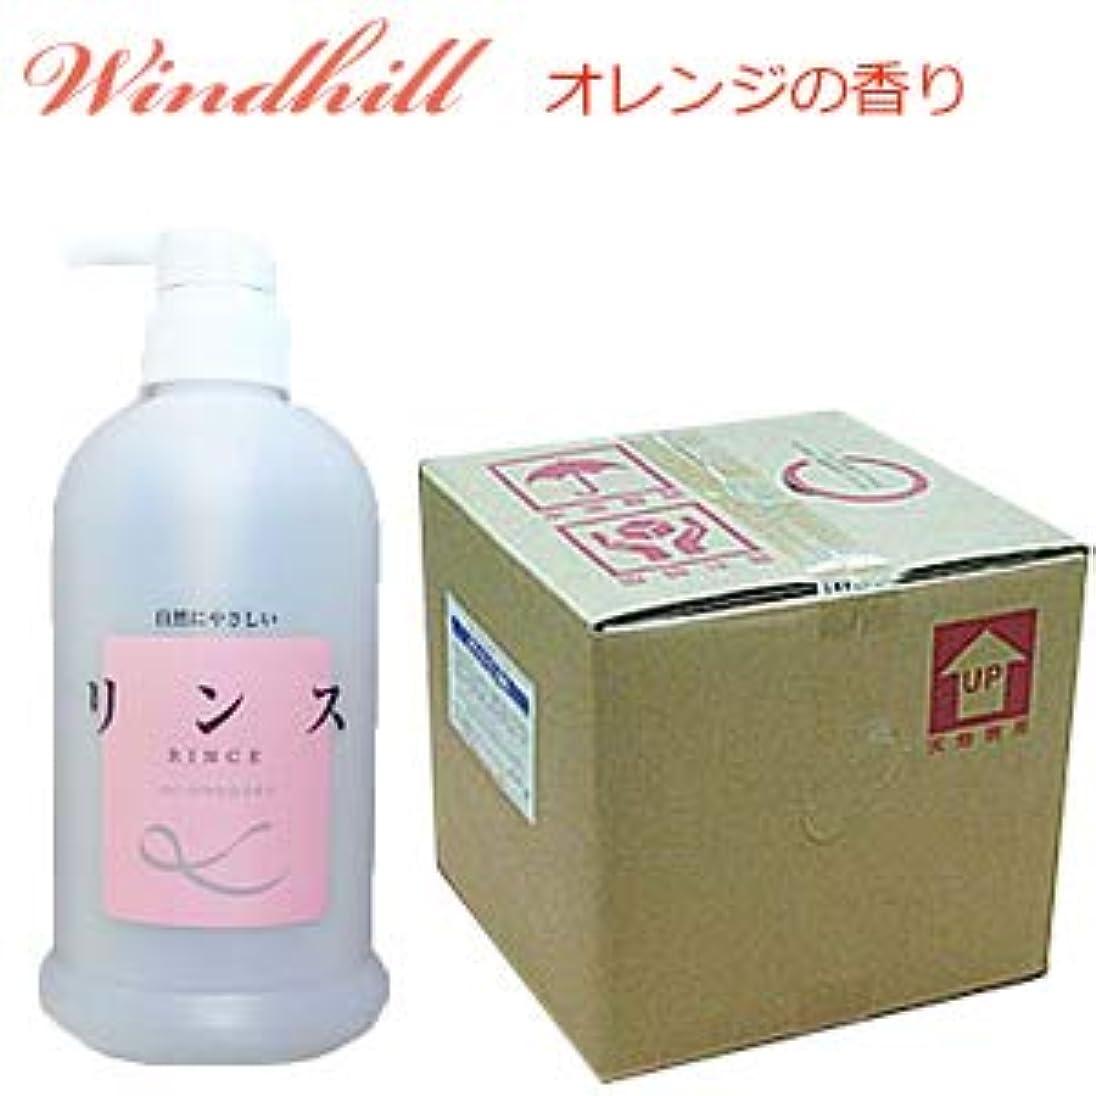 ジュラシックパーク羊の自伝Windhill 植物性 業務用リンスオレンジの香り 20L(1セット20L入)